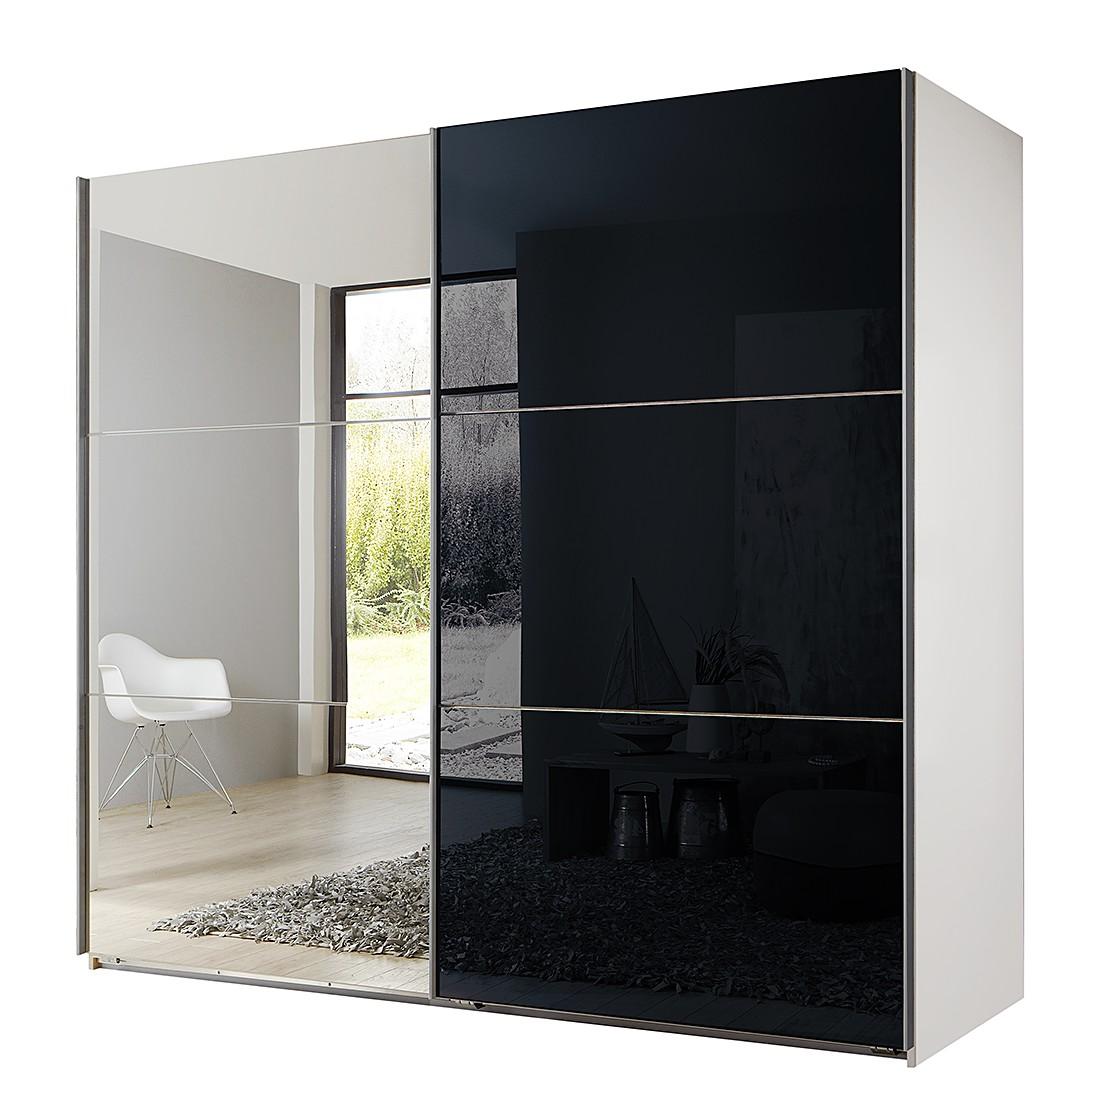 Armoire à portes coulissantes Medley (avec miroir) - Blanc alpin / Noir - Largeur x hauteur : 225 x